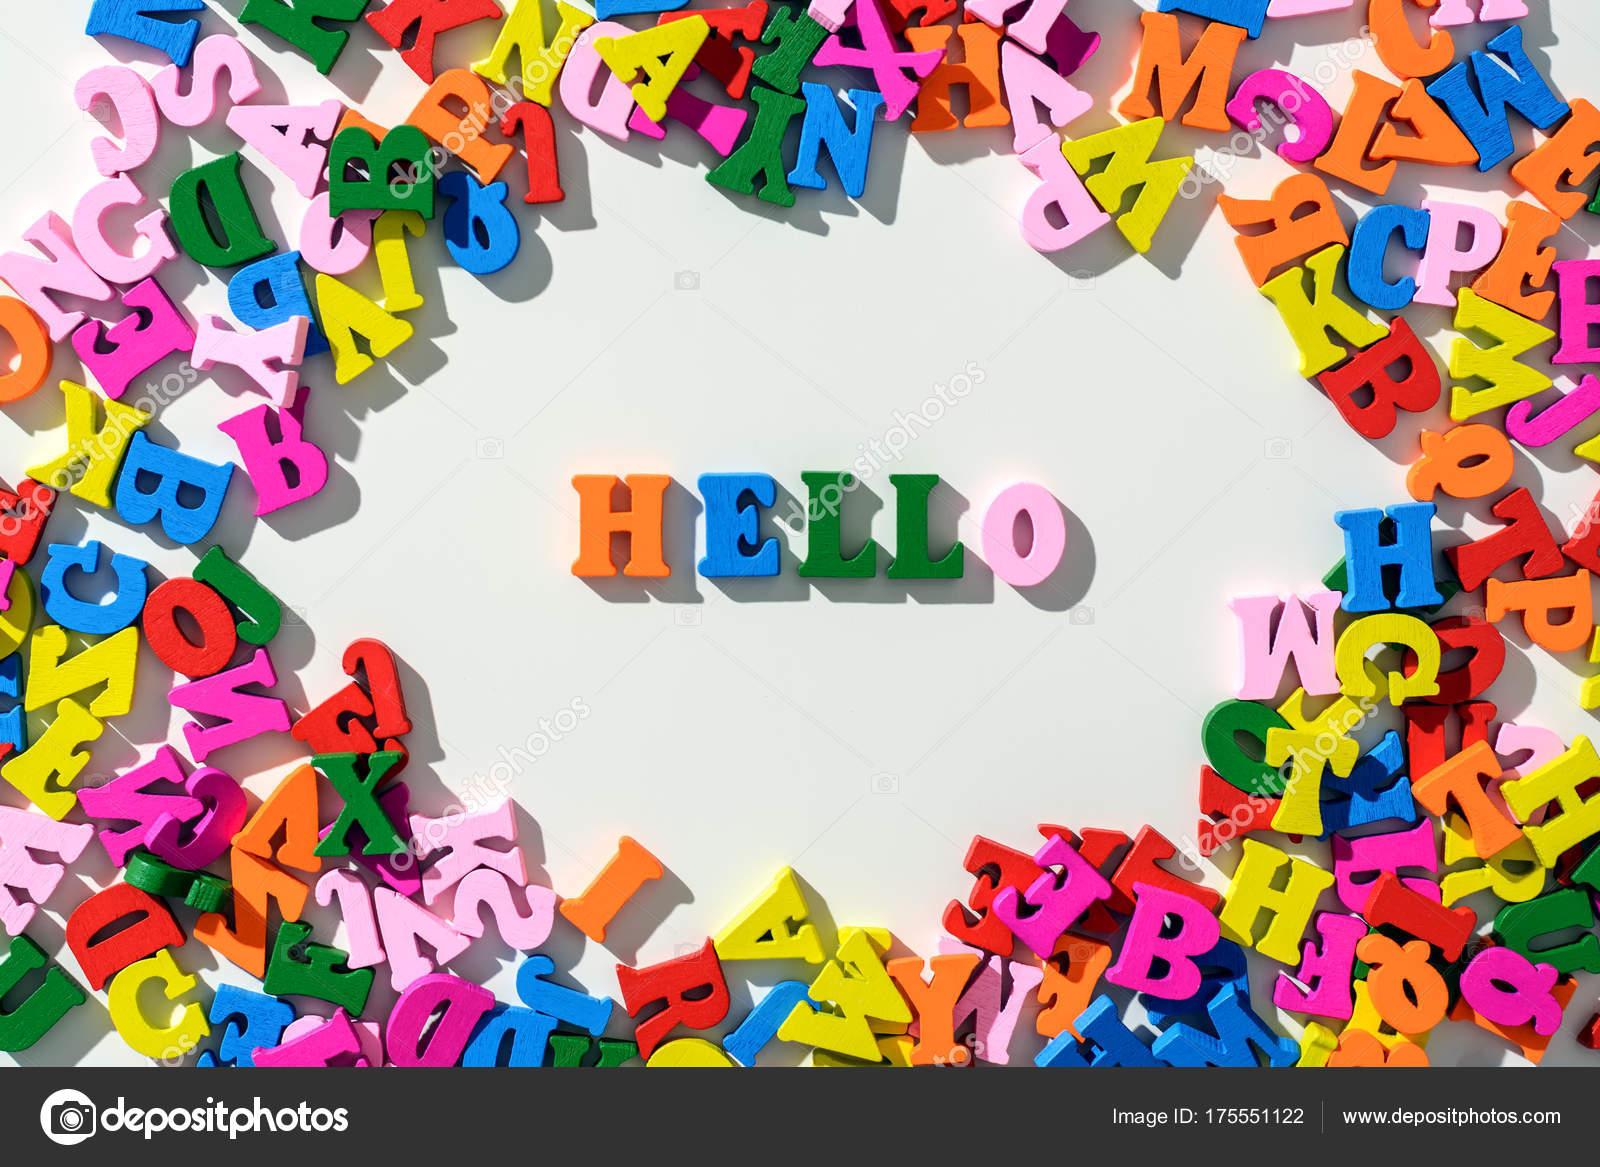 Lettere Di Legno Colorate : La parola che ciao è foderate lettere di legno colorate su una